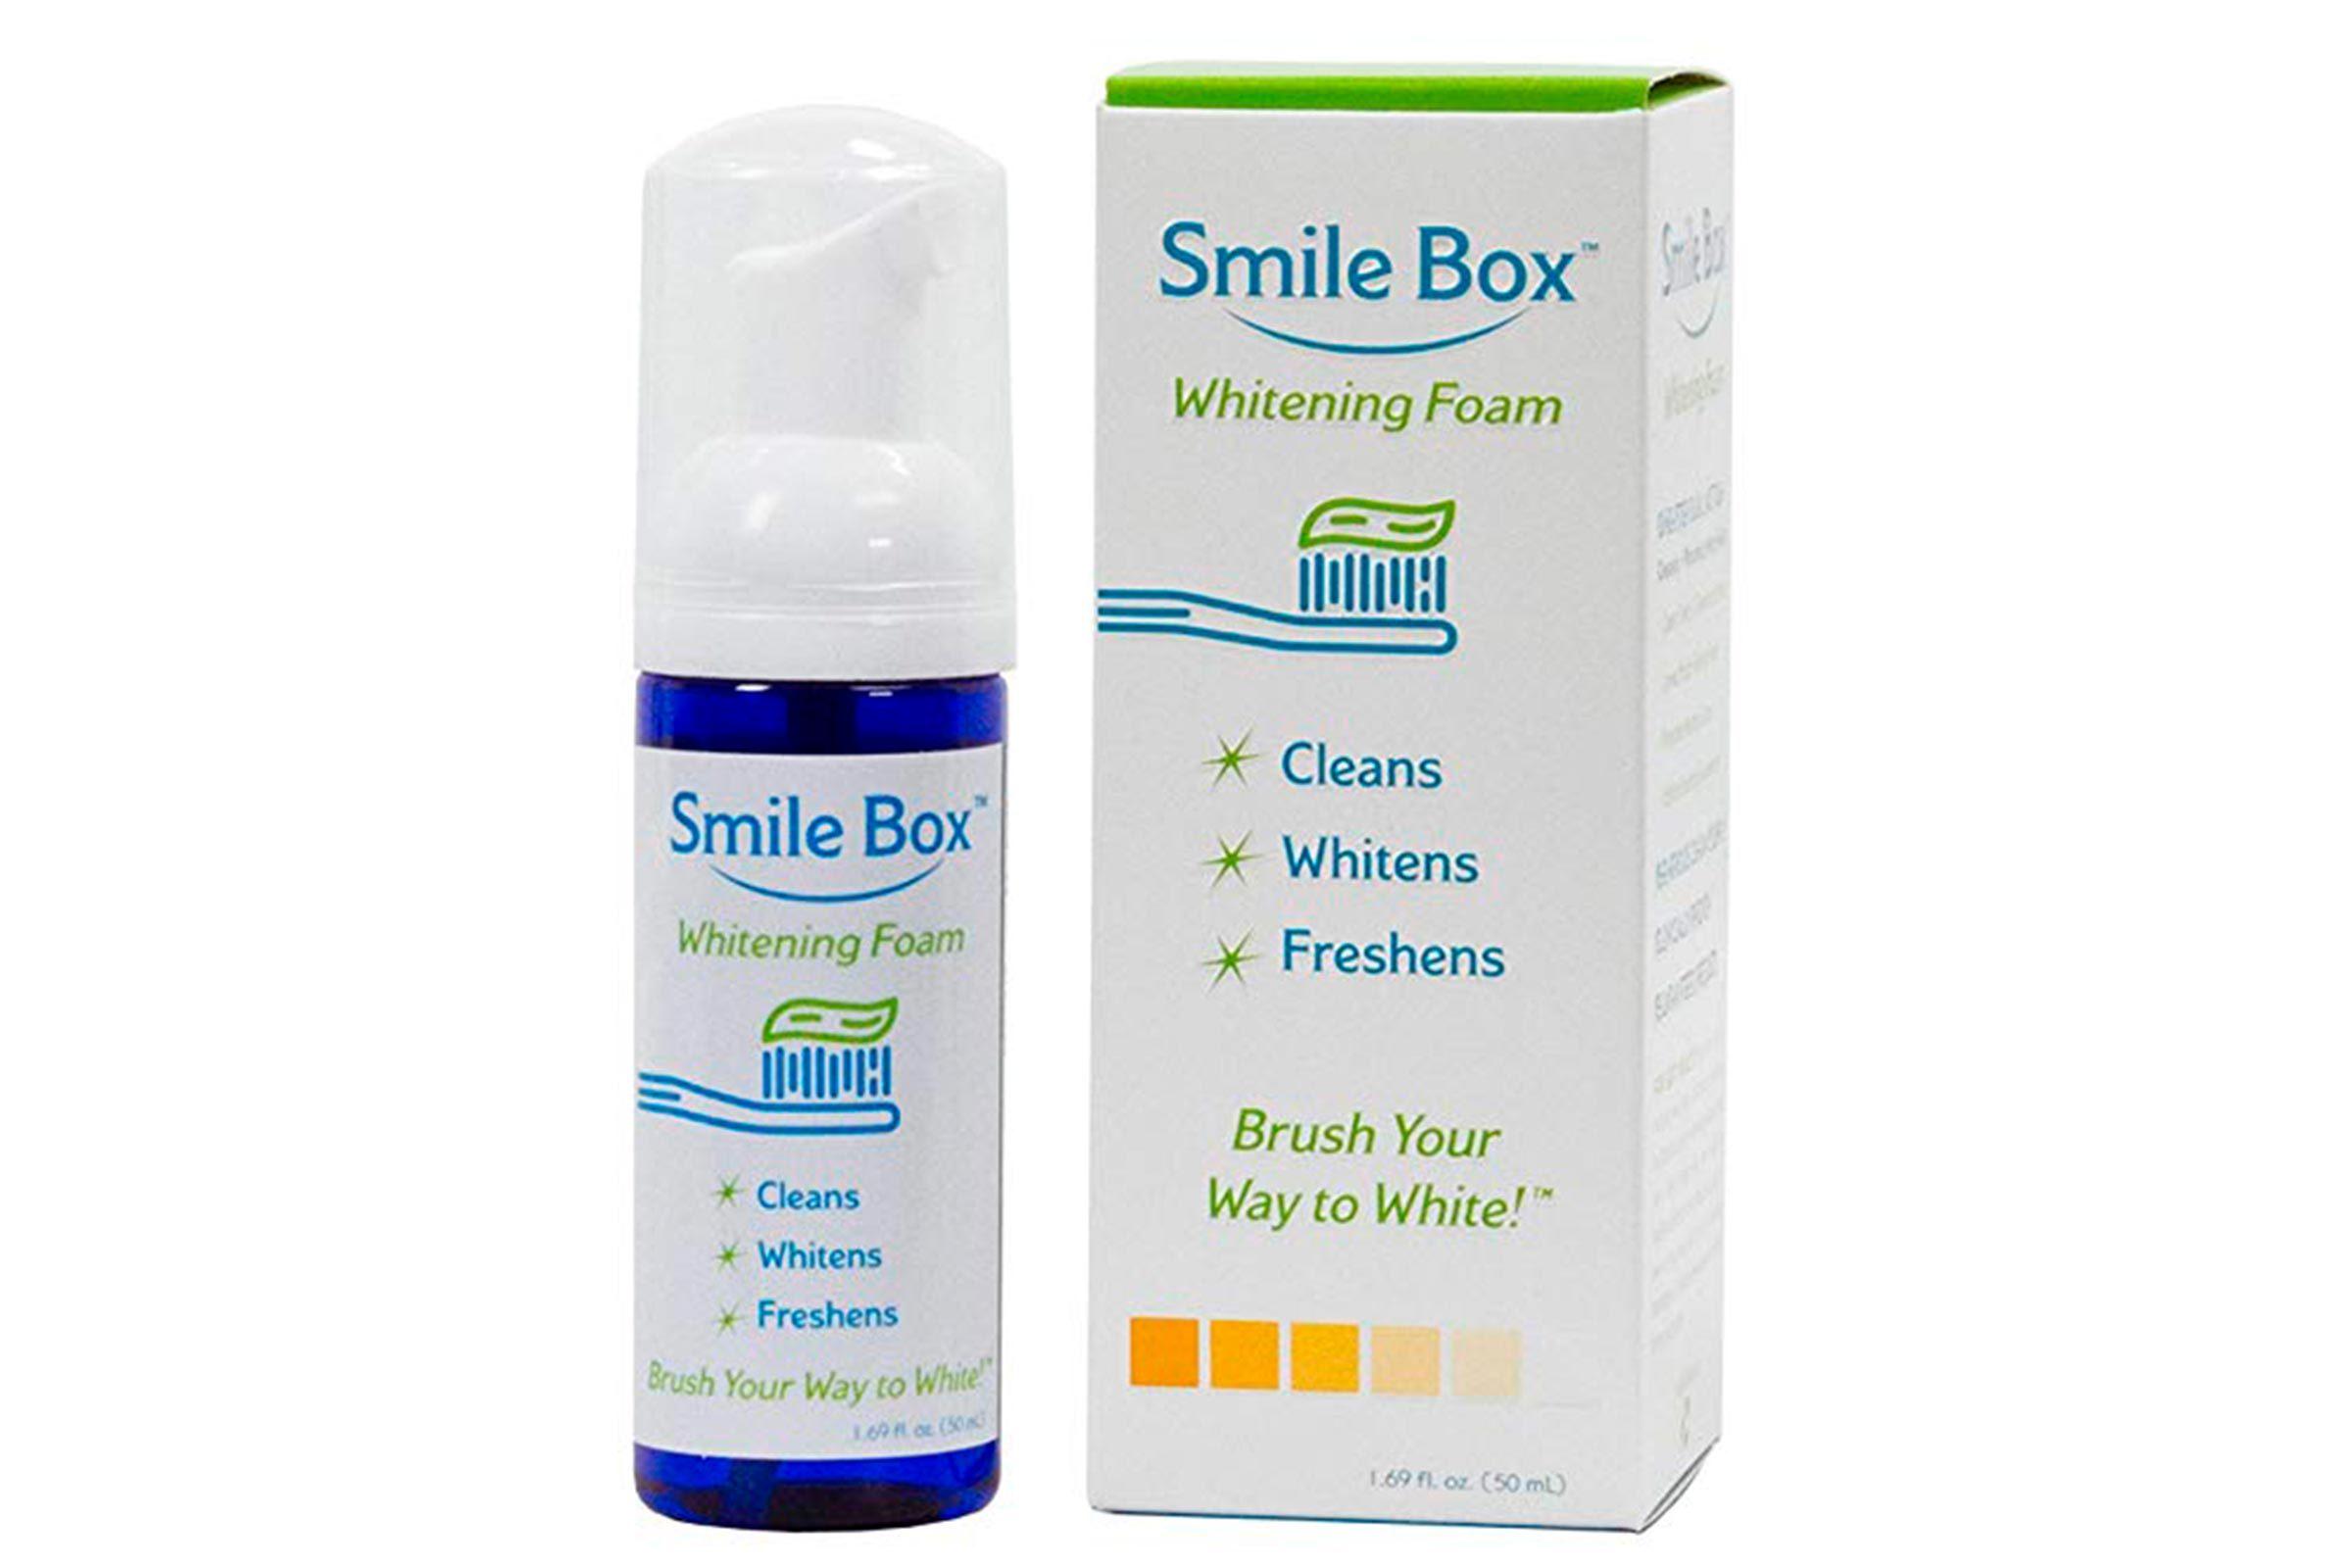 Teeth whitening foam